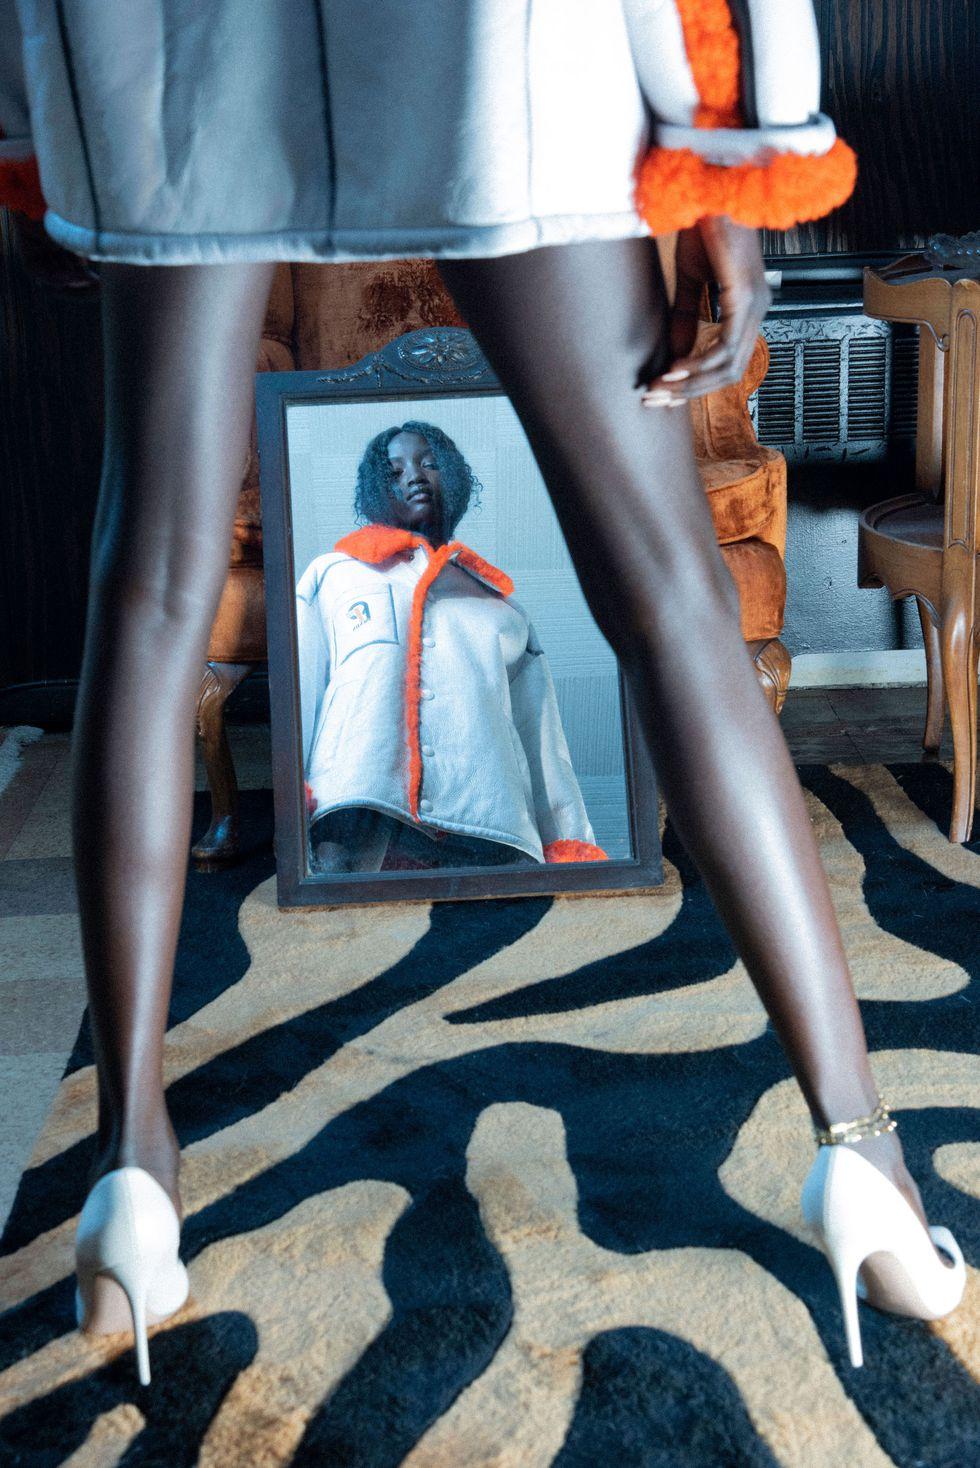 Anok Yai by Ivar Wigan for CR Fashion Book 13 (6).jpg